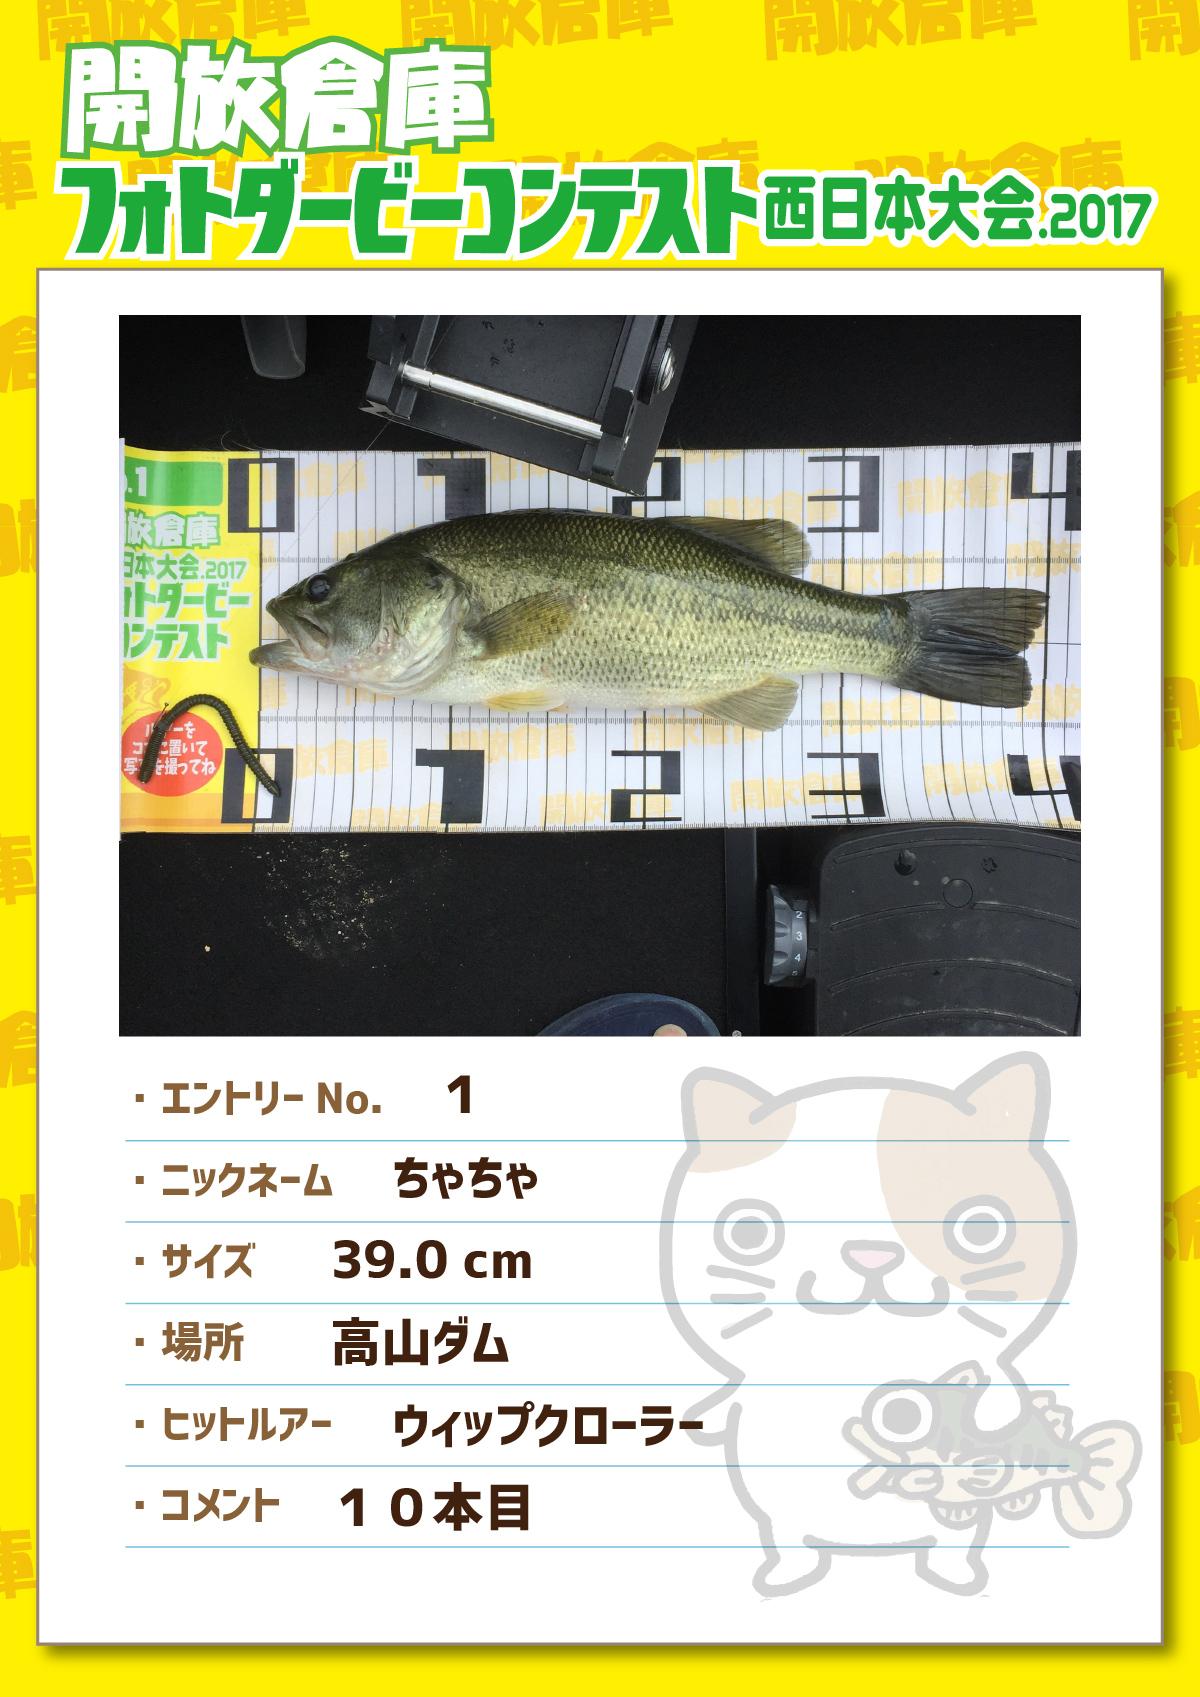 No.001 ちゃちゃ 39.0cm 高山ダム ウィップクローラー 10本目